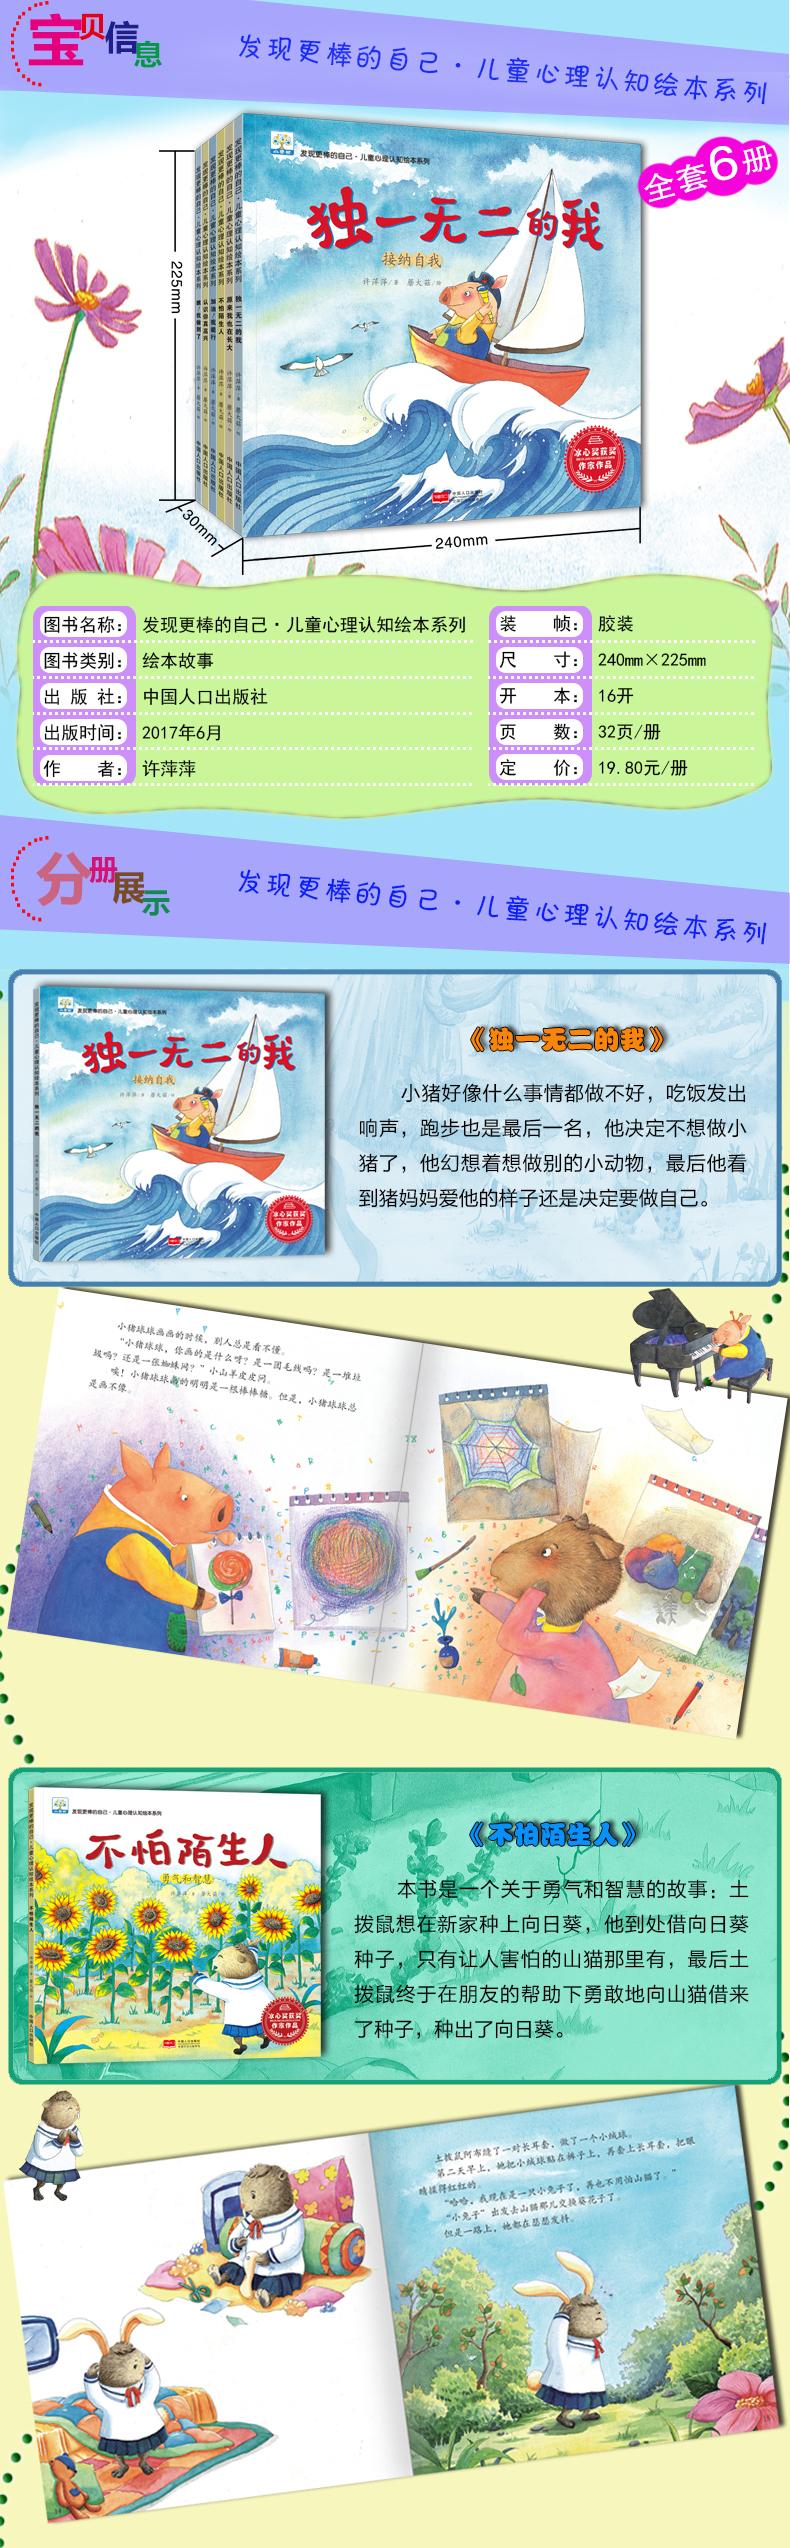 发现更棒的自己-不怕陌生人冰心奖作家全6册儿童绘本3-4-5-6-7周岁幼儿园睡前故事书中班大班读物